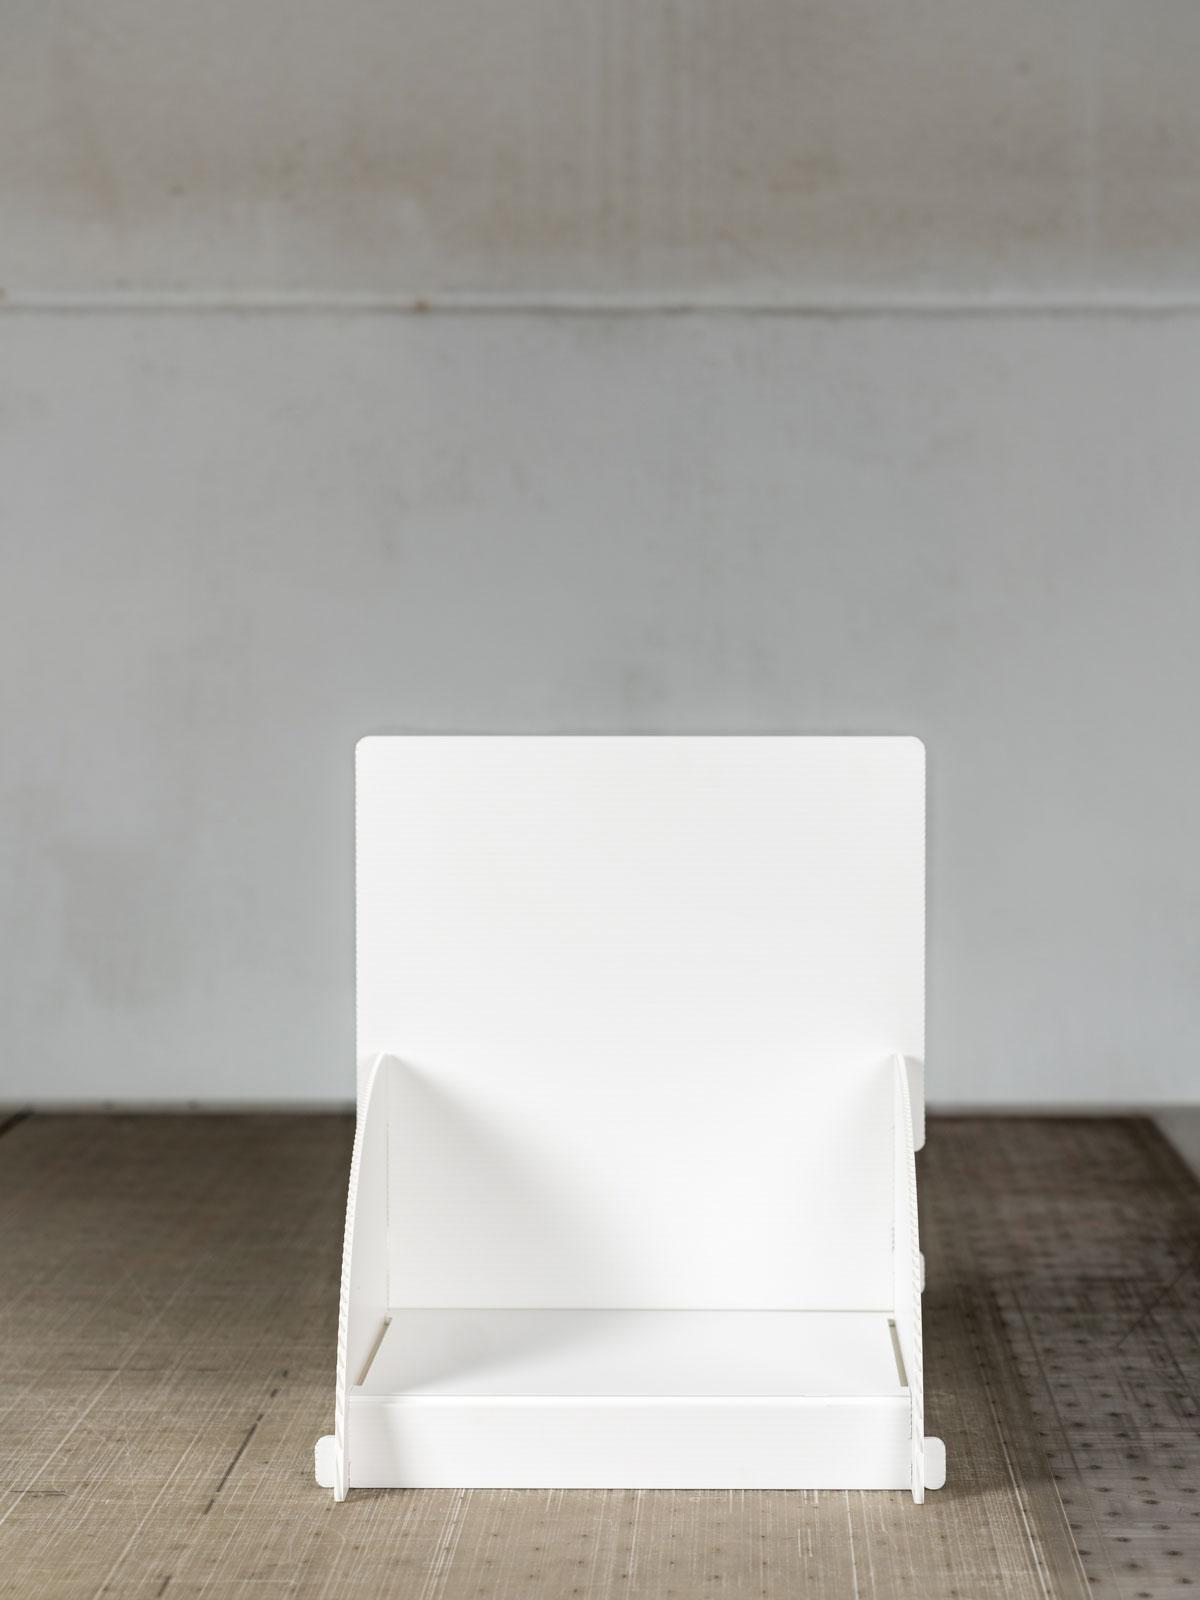 Espositore da tavolo in plastica